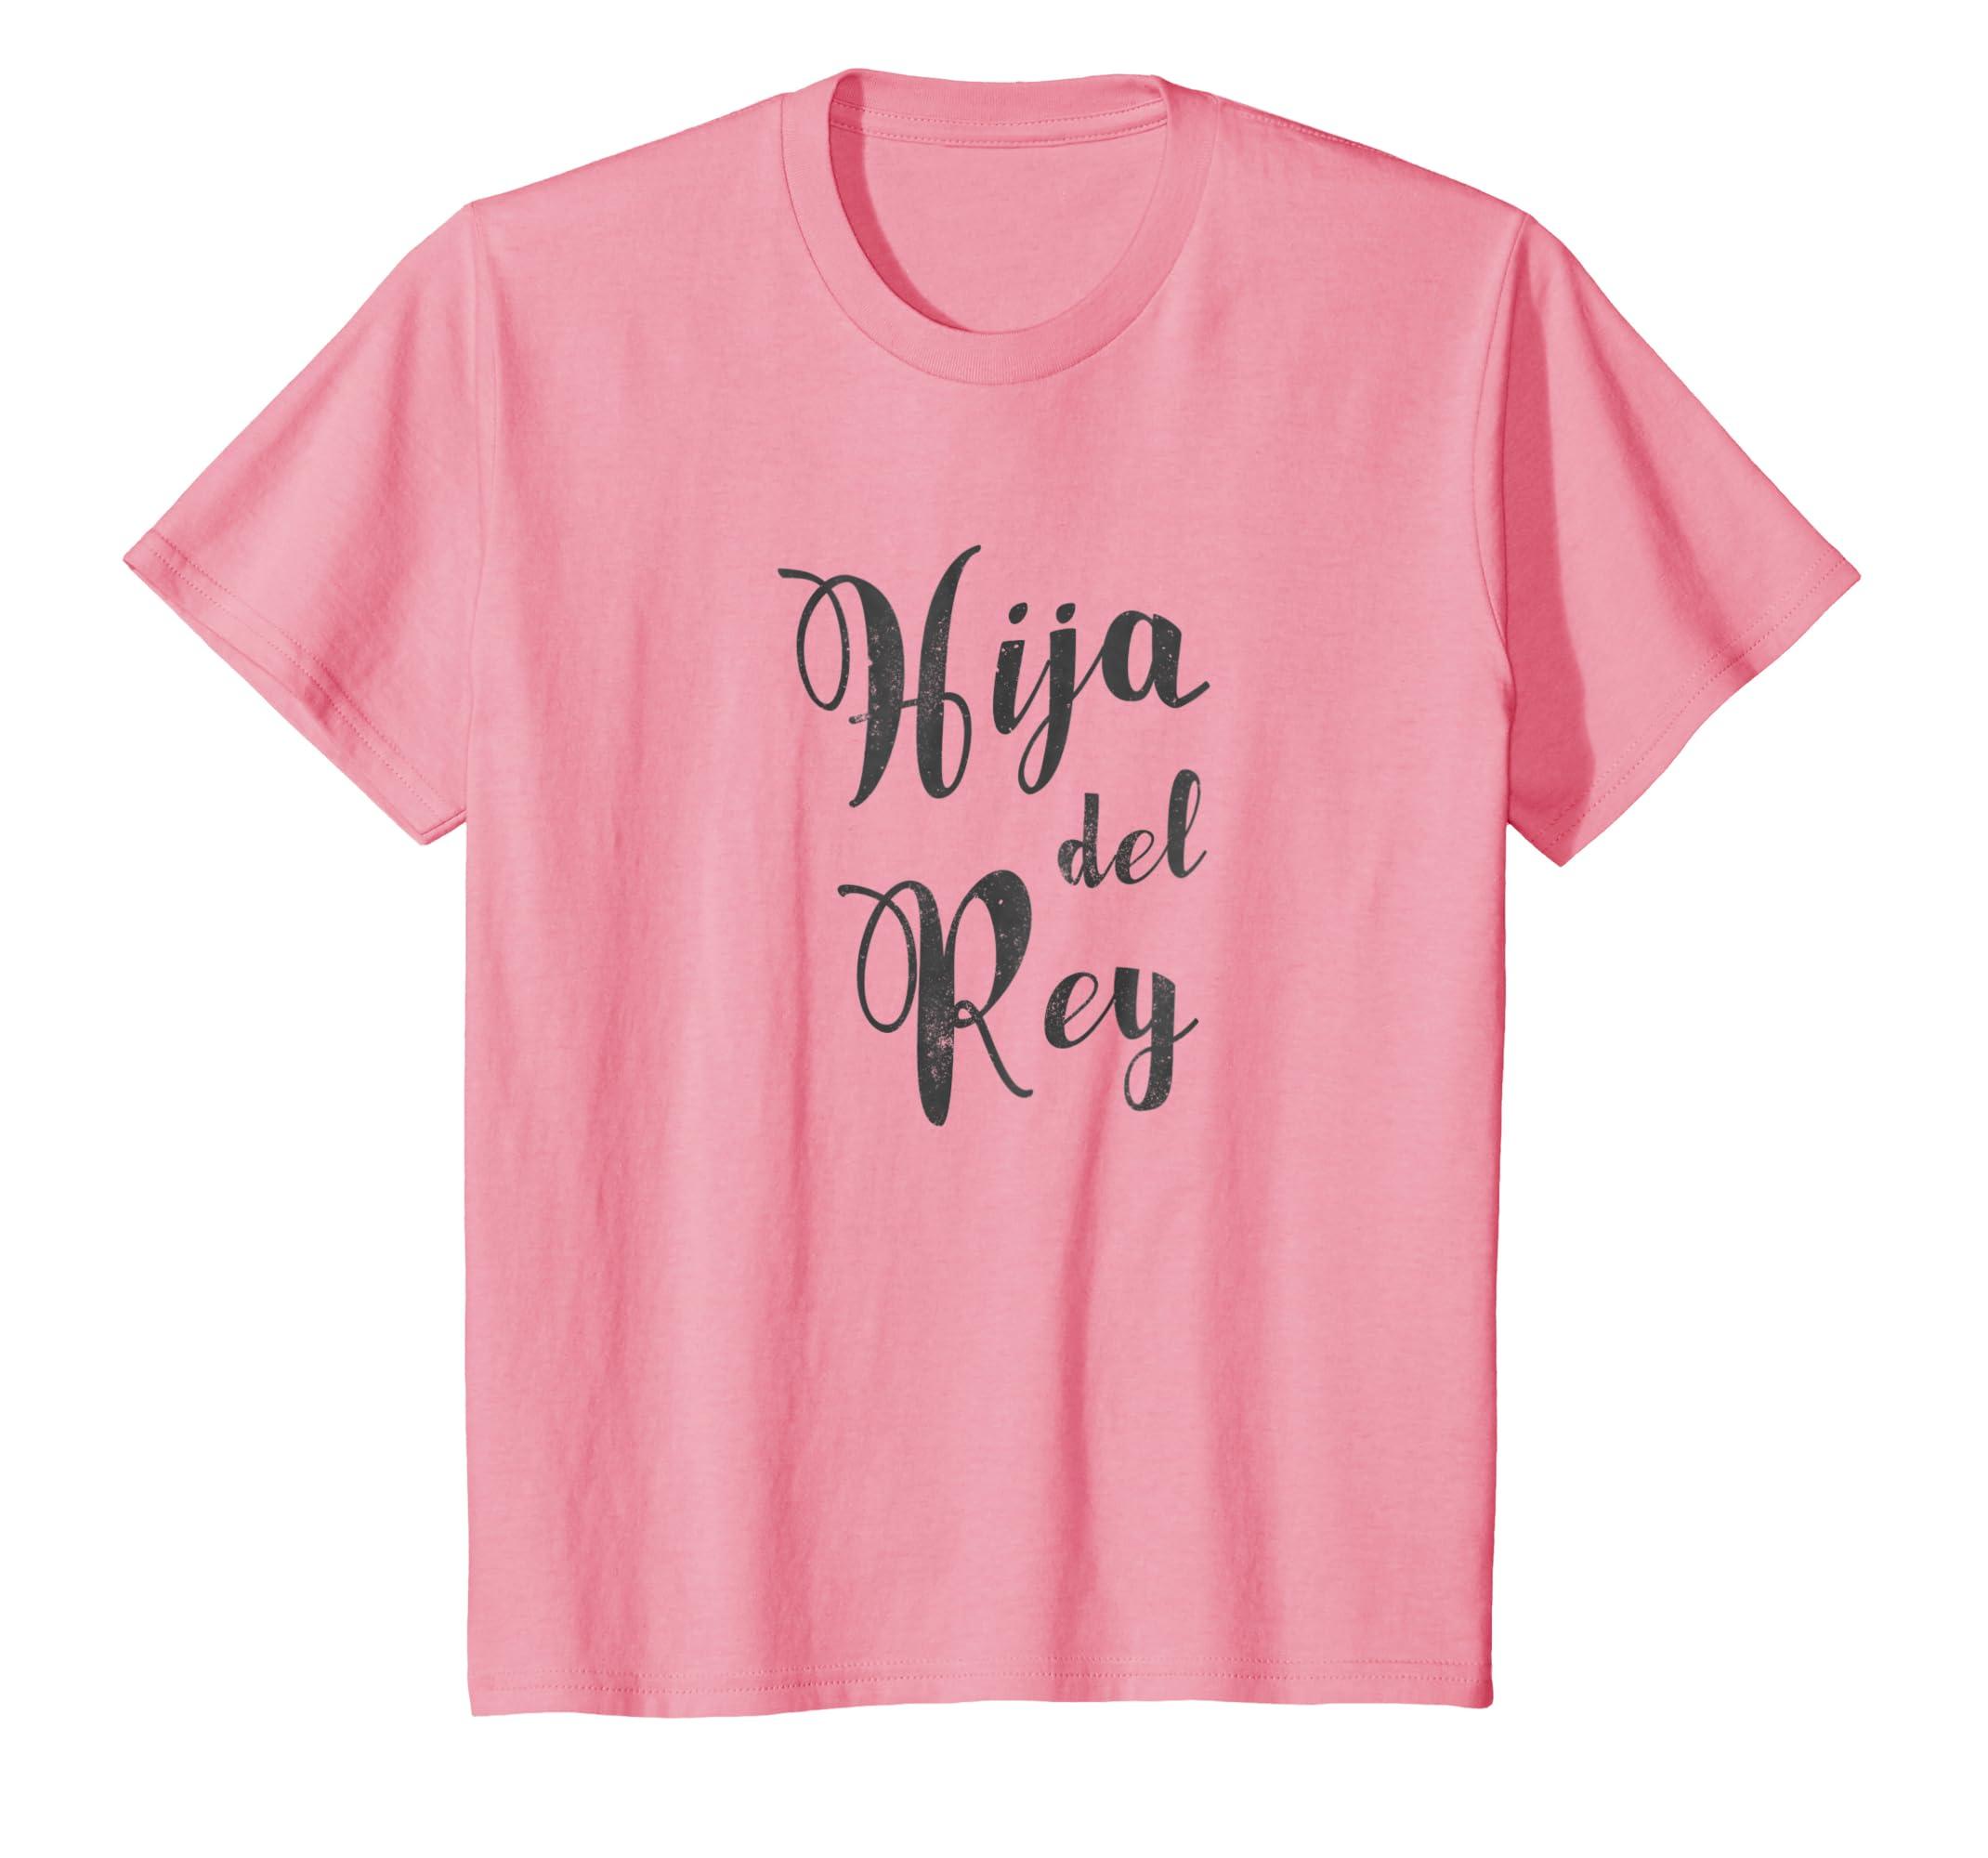 Amazon.com: Ropa Cristiana para Mujeres, Camisa de la Hija del Rey: Clothing